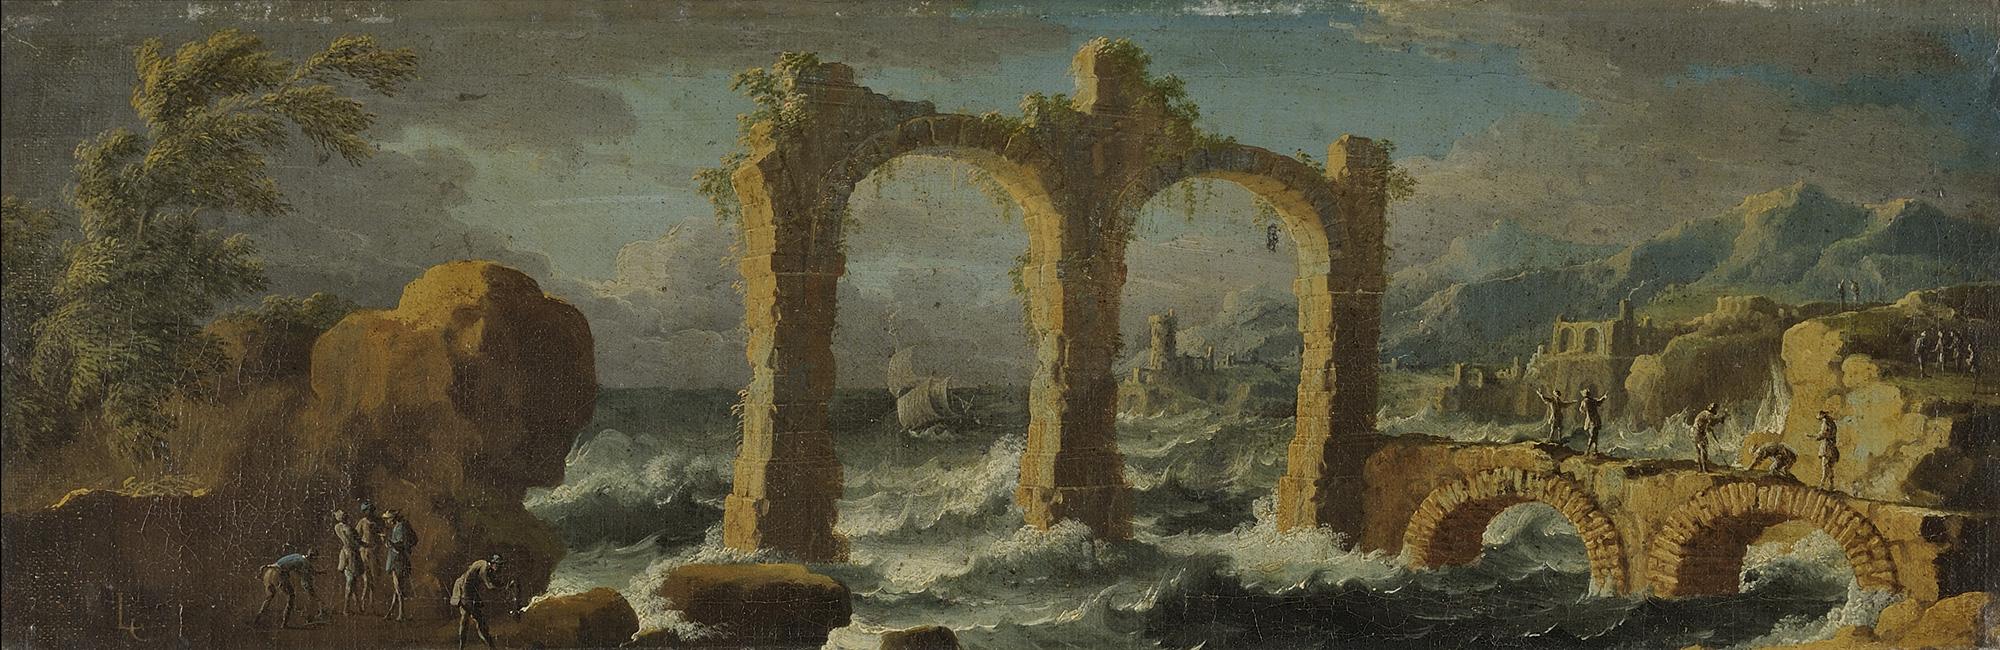 Capriccio architettonico con marina in burrasca